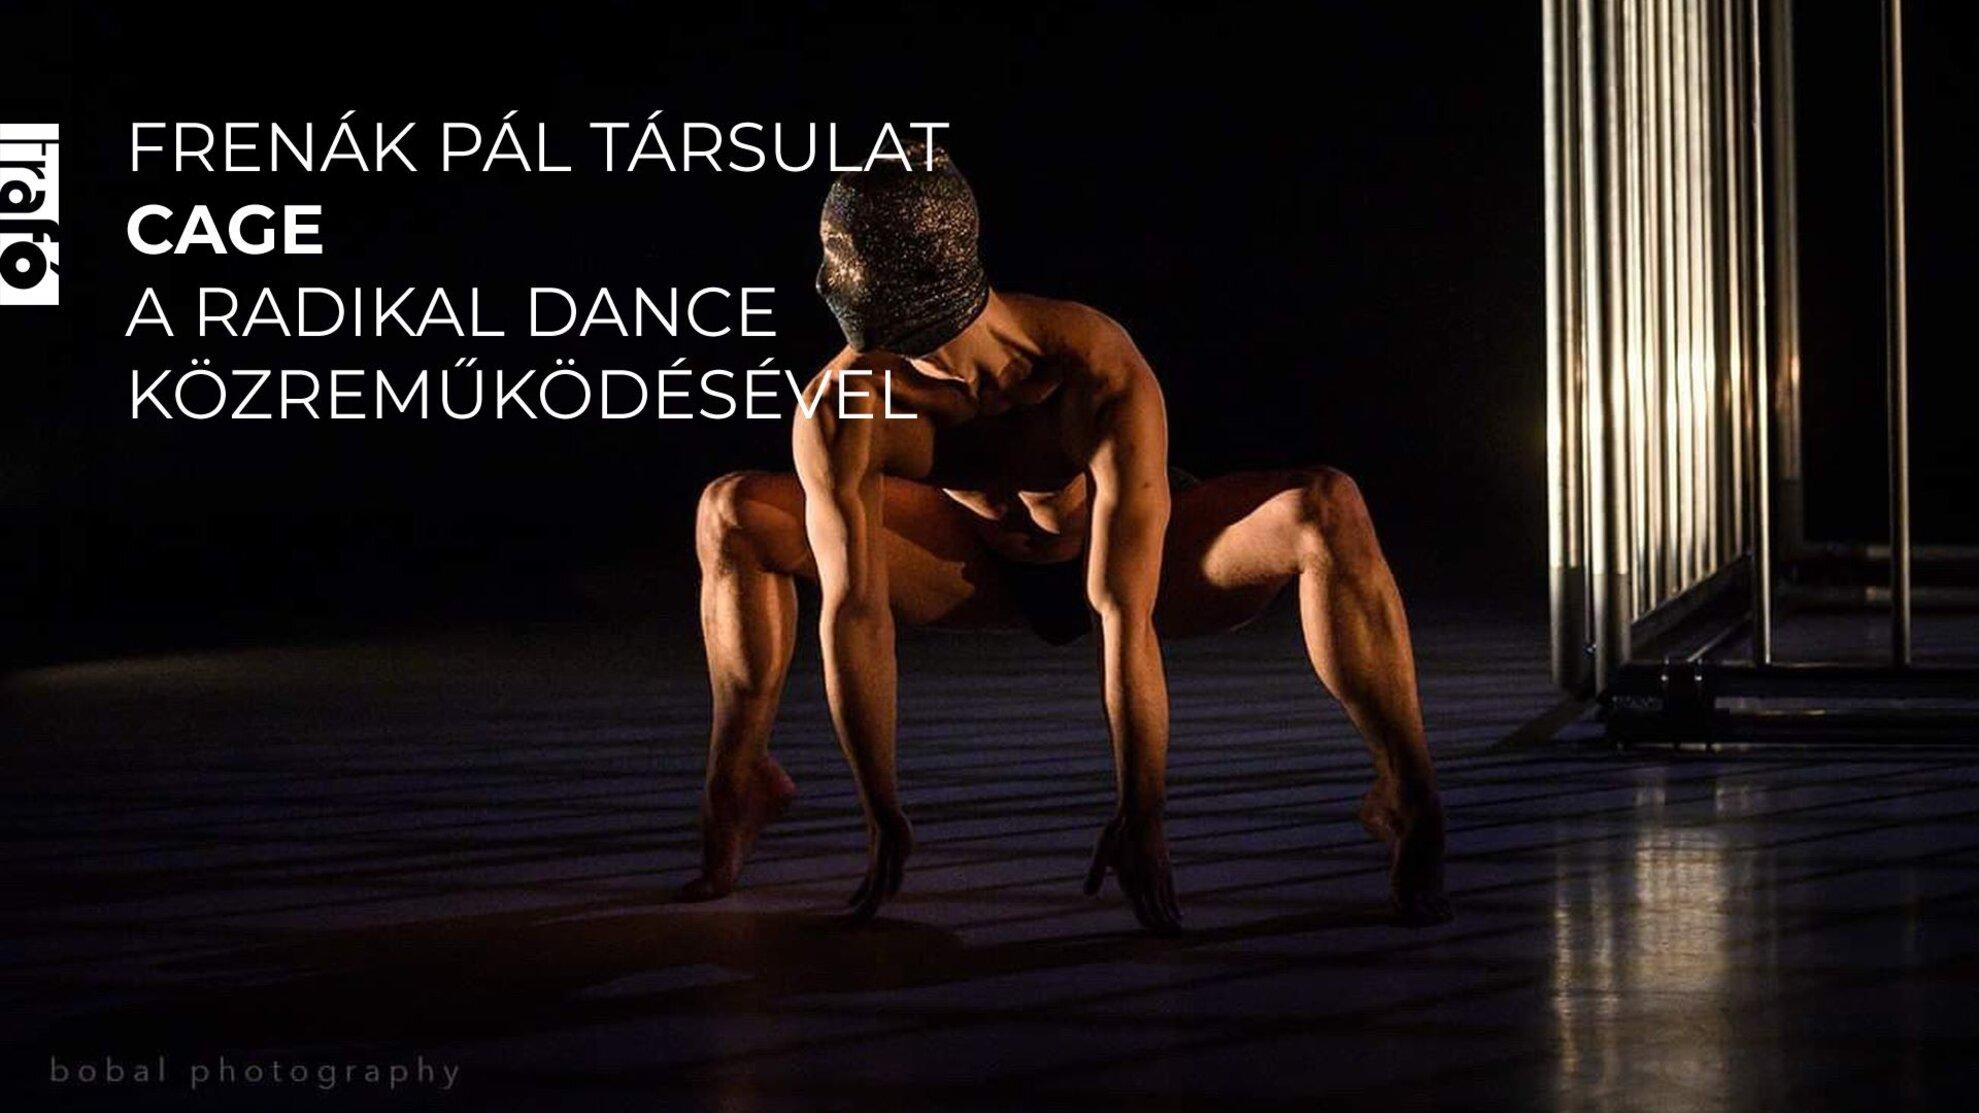 Frenák Pál Társulat: CAGE - a Radikal Dance közreműködésével